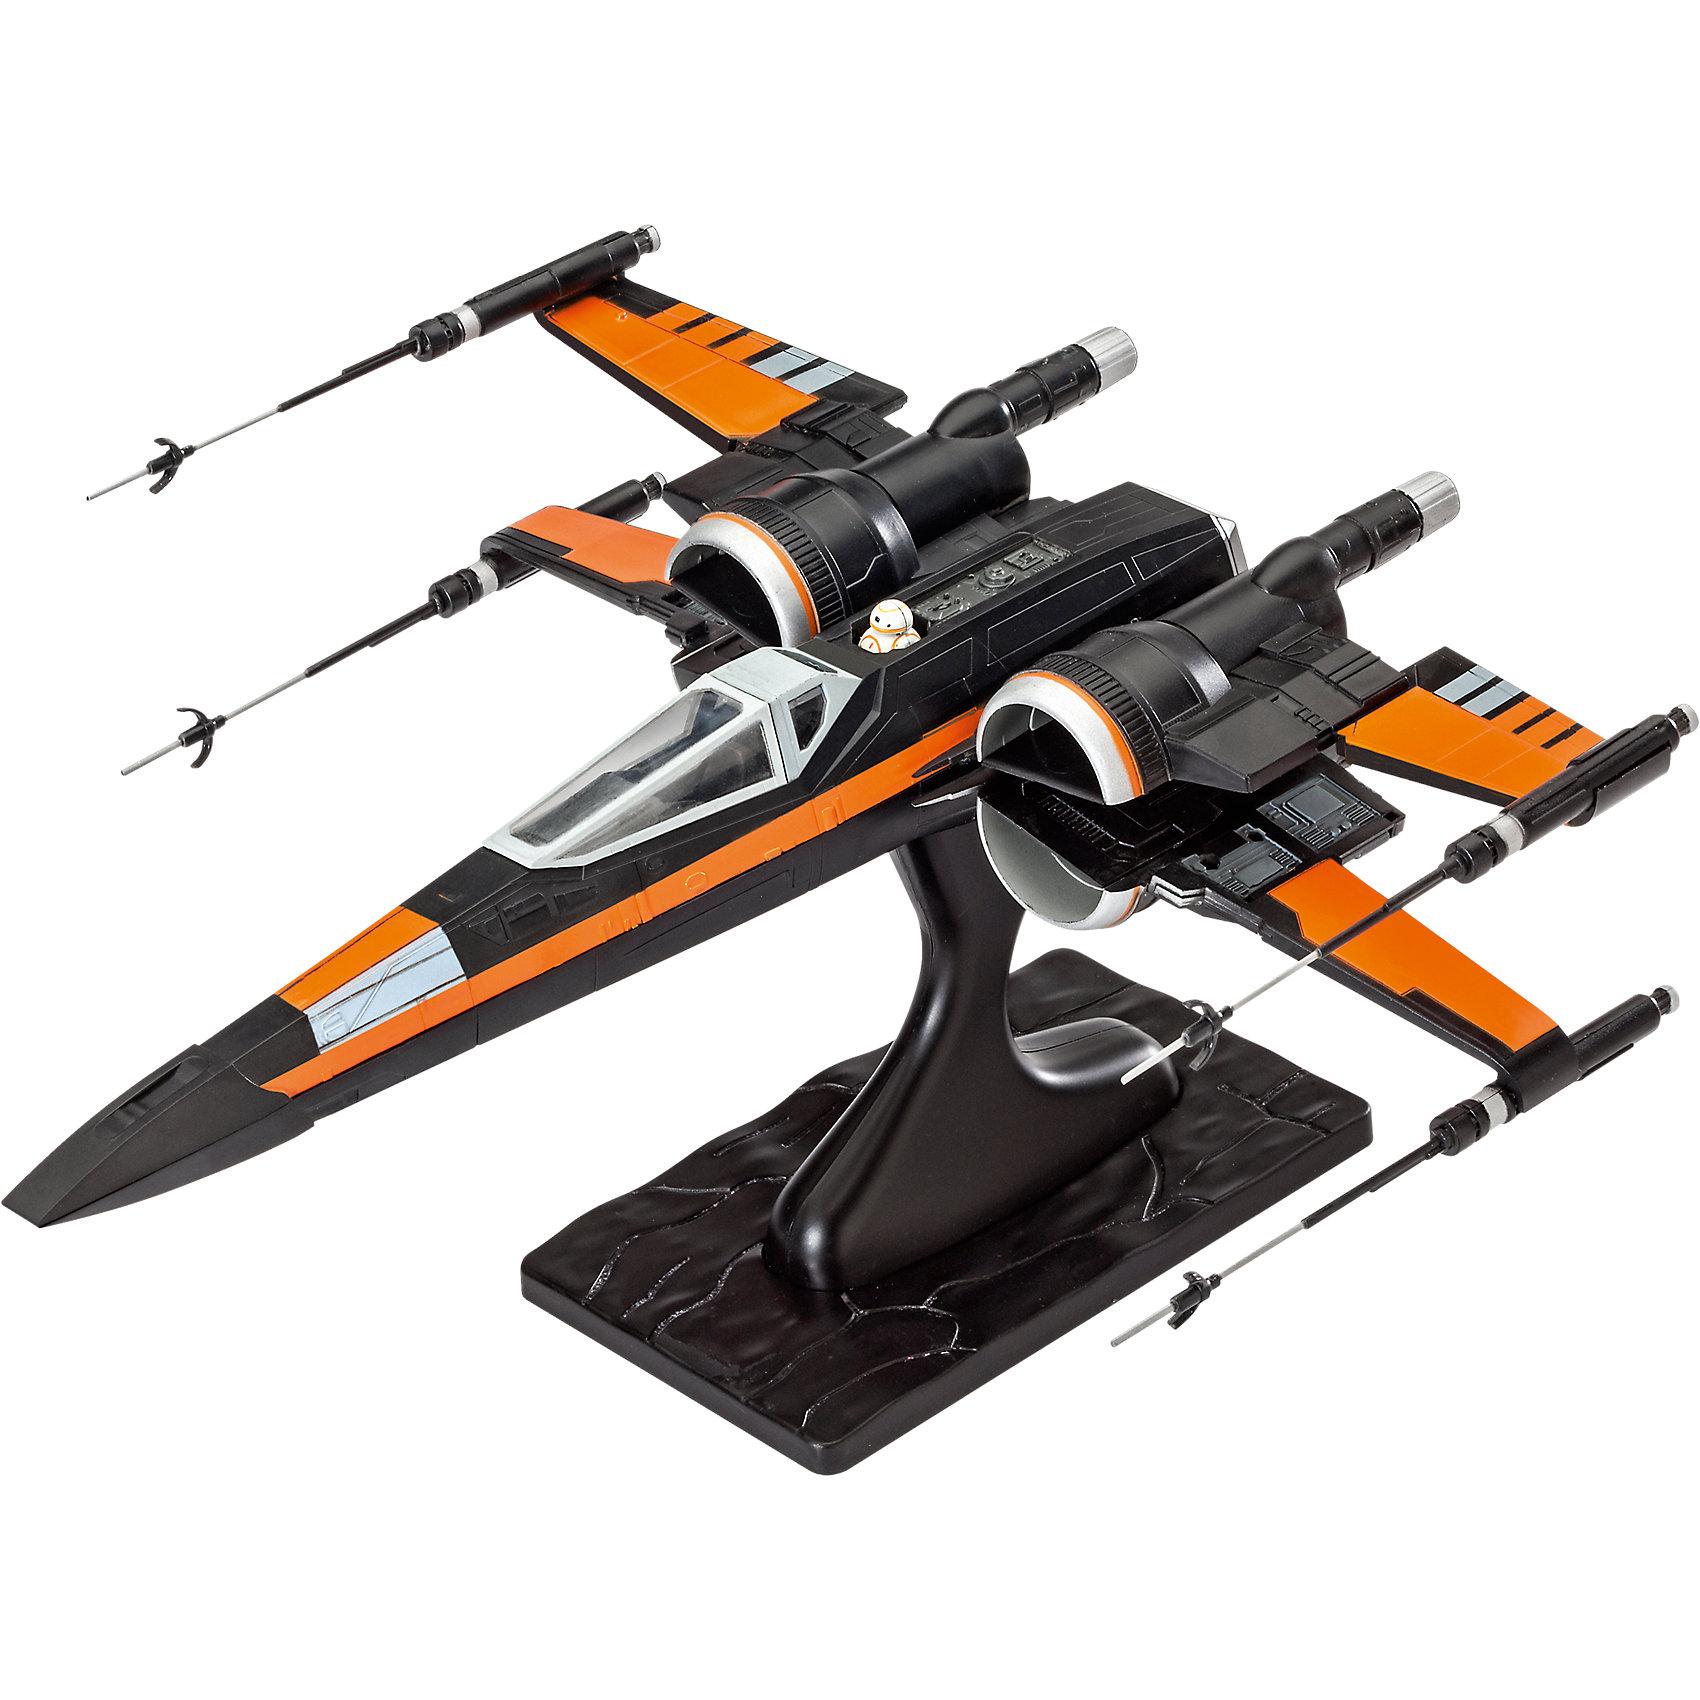 Сборная модель Звездные войны «Истребитель По» (1:50), EasykitМодели для склеивания<br>Сборная модель Звездные войны «Истребитель По», Easykit, является точной копией истребителя из фильма Звездные войны. Корпус самолета имеет интересный дизайн и очень детализирован. Черный самолет с серыми и оранжевыми вставками не сможет оставить без внимания мальчика. Истребитель имеет внешние ракетные установки. Кабина вмещает одного пилота. Собирая данную модель, юный конструктор очутиться в мире фантастических приключений космоса. Собранная модель истребителя отлично украсит стол или книжную полку ребенка.  <br>Модель истребителя выполнена в масштабе 1:78.  <br>Количество элементов: 55. Размер собранной модели: 25,1х22,4.  <br>Сборная модель продается в красочной коробке из плотного картона.  <br>Рекомендуемый возраст: от 6 лет.<br><br>Ширина мм: 368<br>Глубина мм: 241<br>Высота мм: 78<br>Вес г: 402<br>Возраст от месяцев: 96<br>Возраст до месяцев: 156<br>Пол: Мужской<br>Возраст: Детский<br>SKU: 4161716